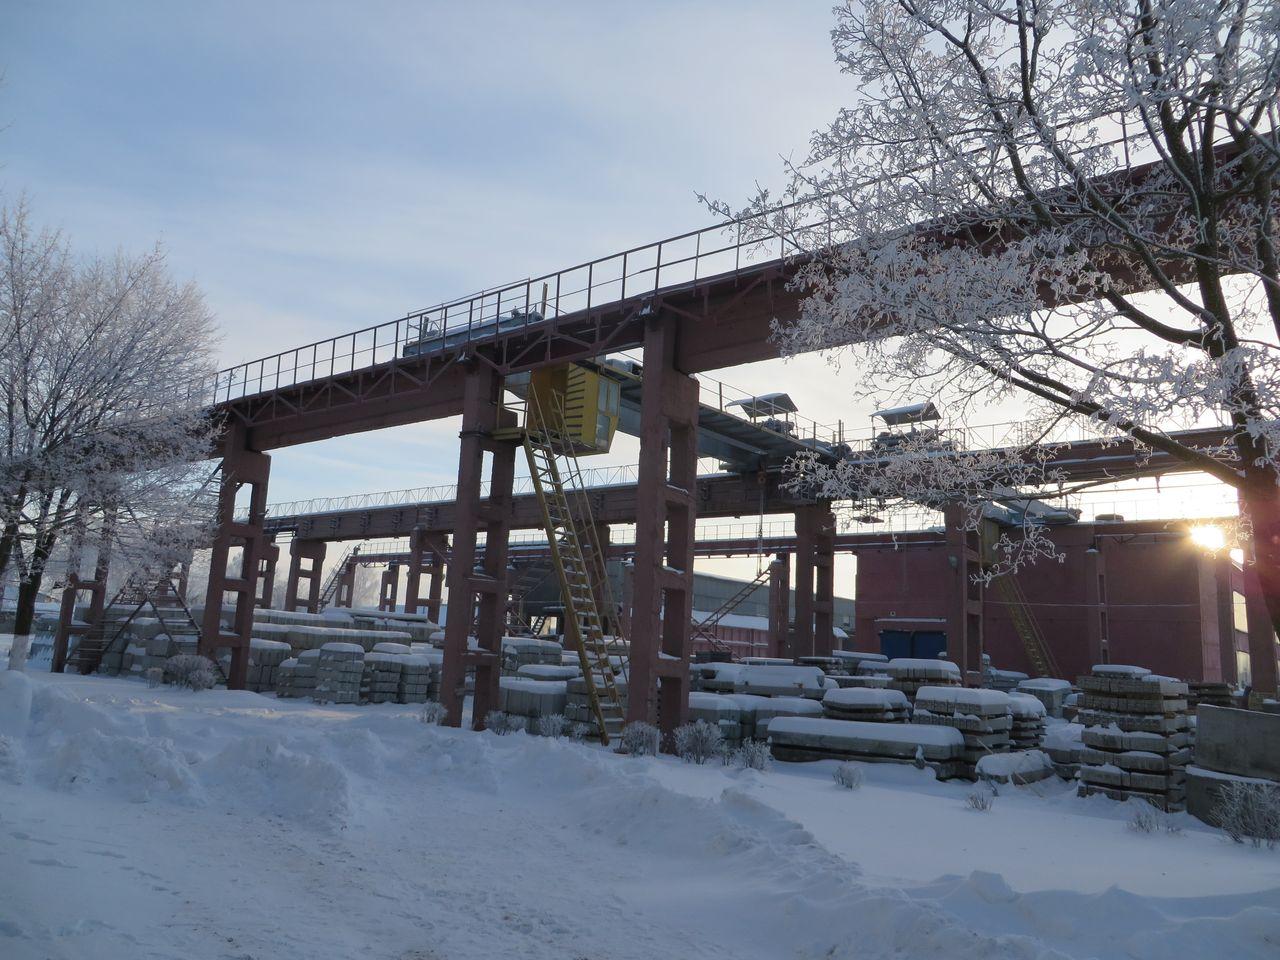 Смолевичи завод железобетонных изделий плита жб покрытий ребристый